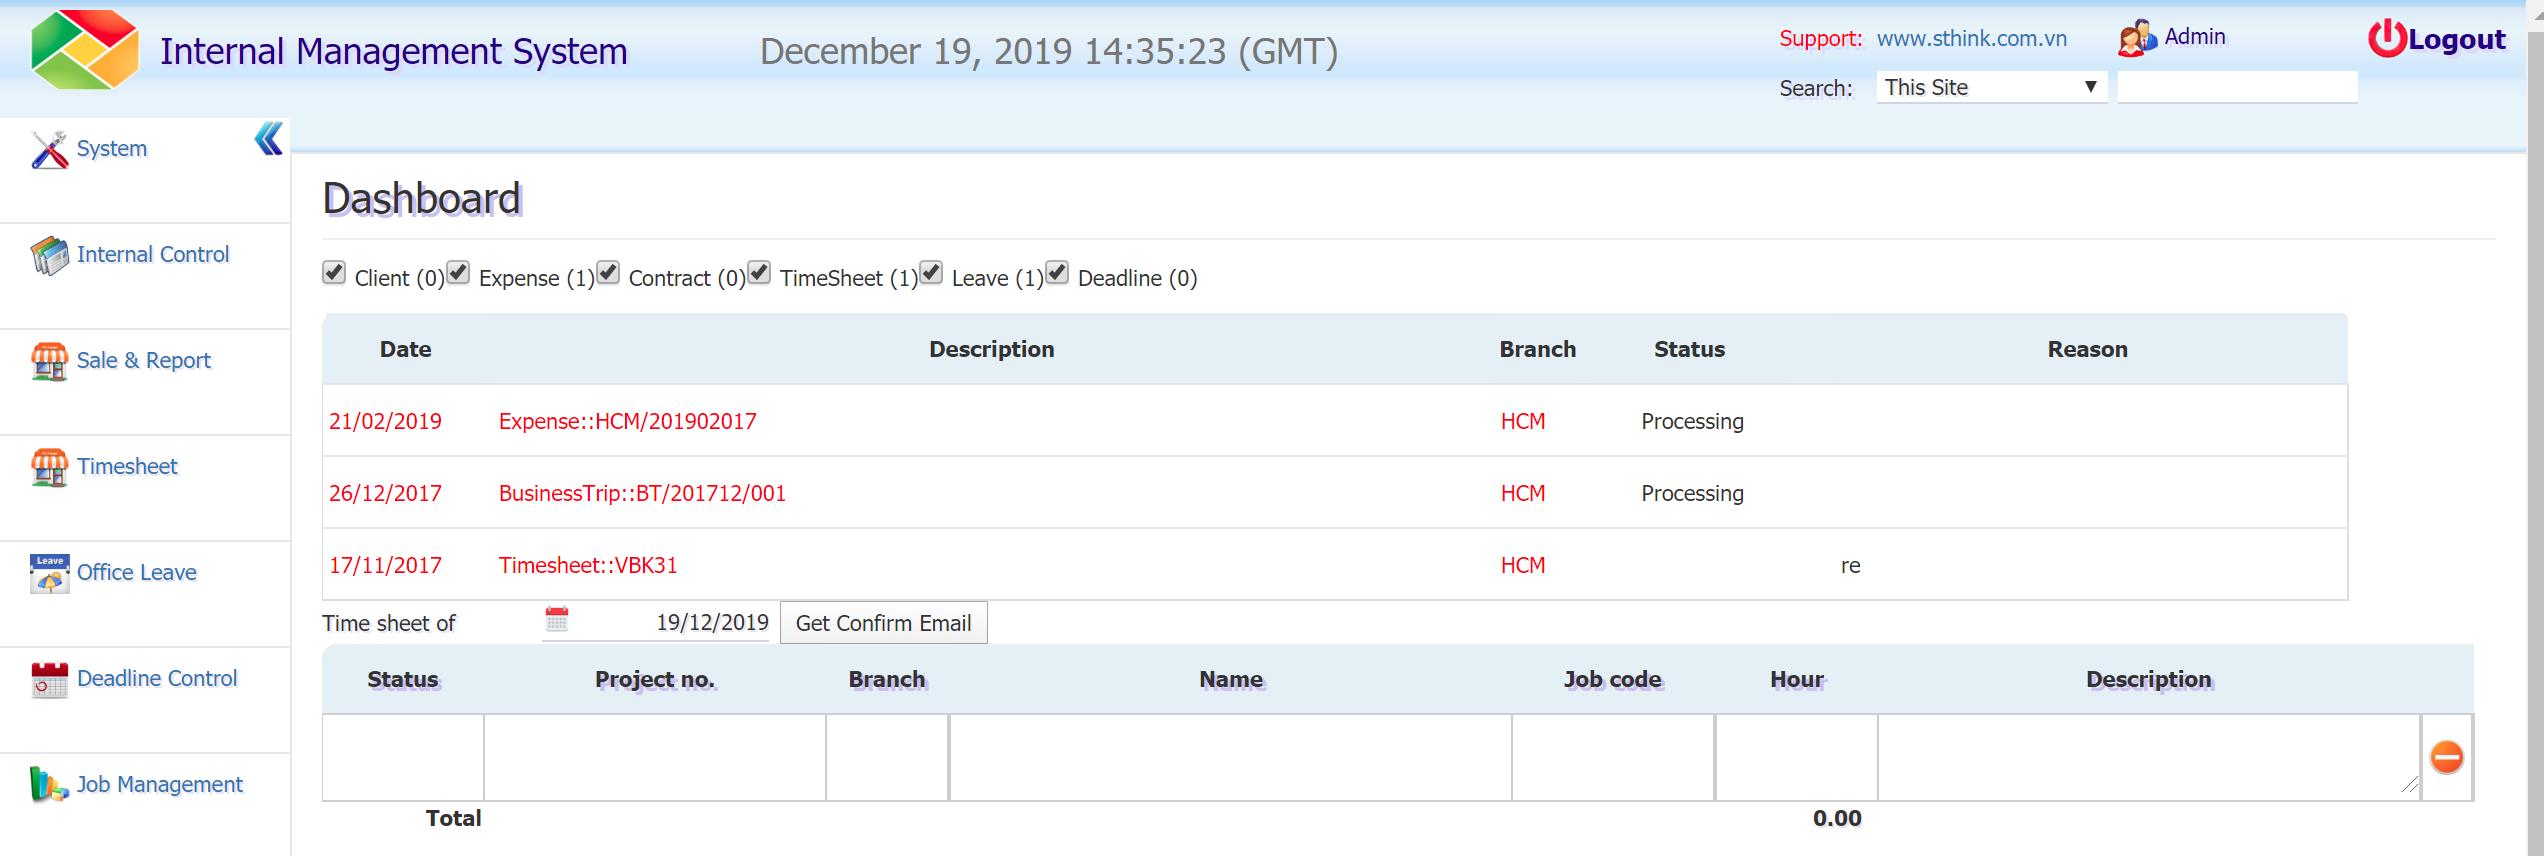 Toàn quốc - Nghiệm thu phần mềm quản lý workflow tập đoàn Iglocal Capture4